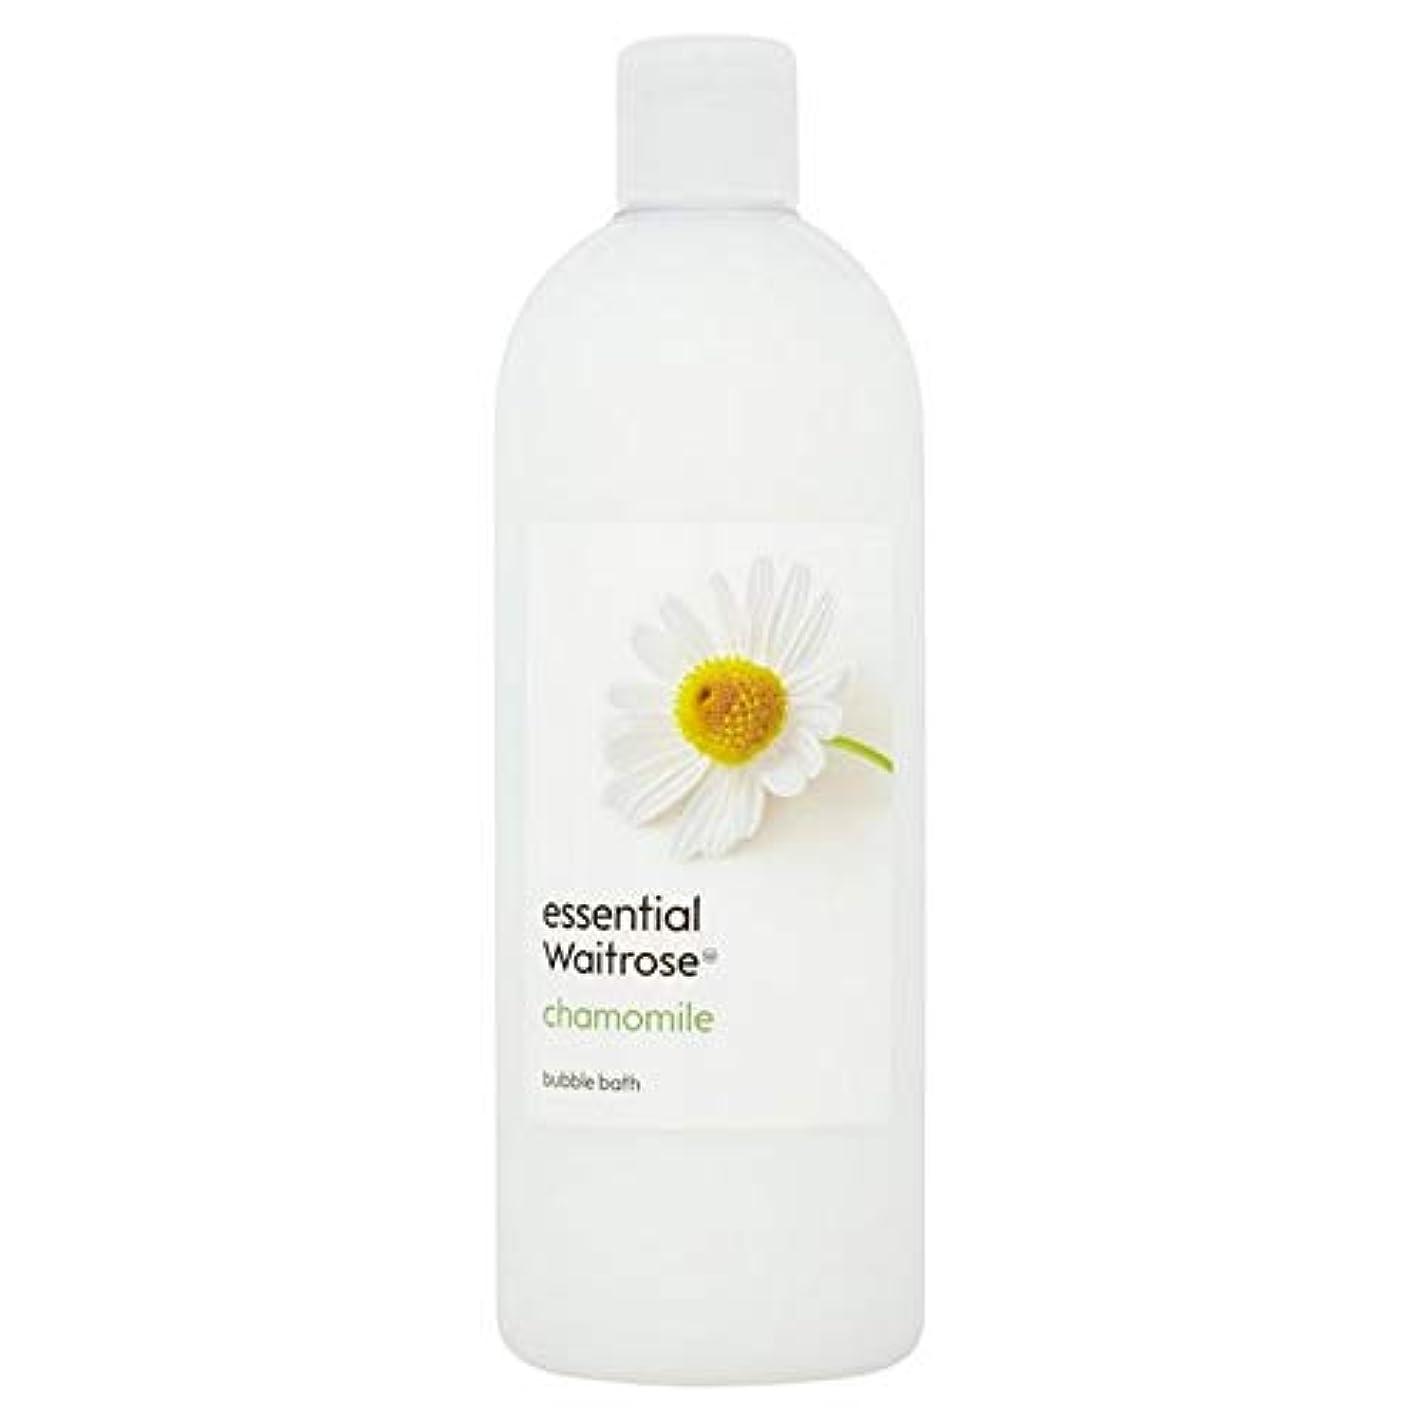 すすり泣き露骨な[Waitrose ] 基本的なウェイトローズ泡風呂のカモミール750ミリリットル - Essential Waitrose Bubble Bath Chamomile 750ml [並行輸入品]